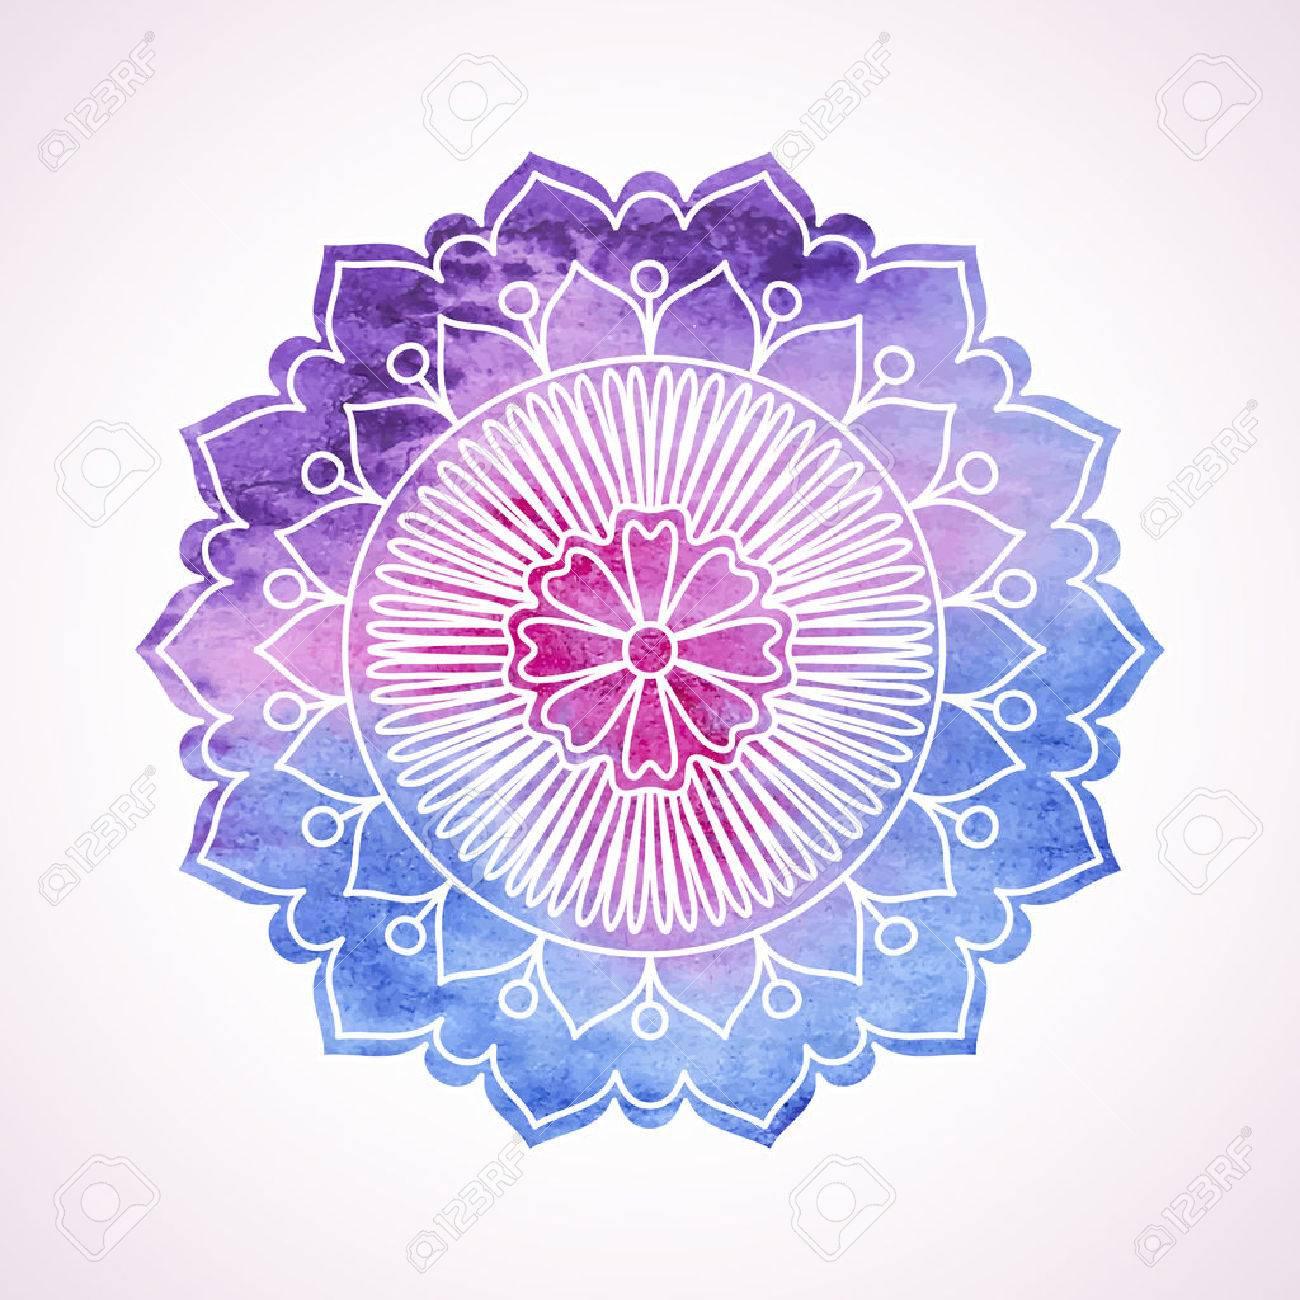 Doodle Et Aquarelle Fleur Peint à La Main élément Graphique Boho Et Mandala De Style Ethnique Art Décoratif Pour Des Cartes Danniversaire De